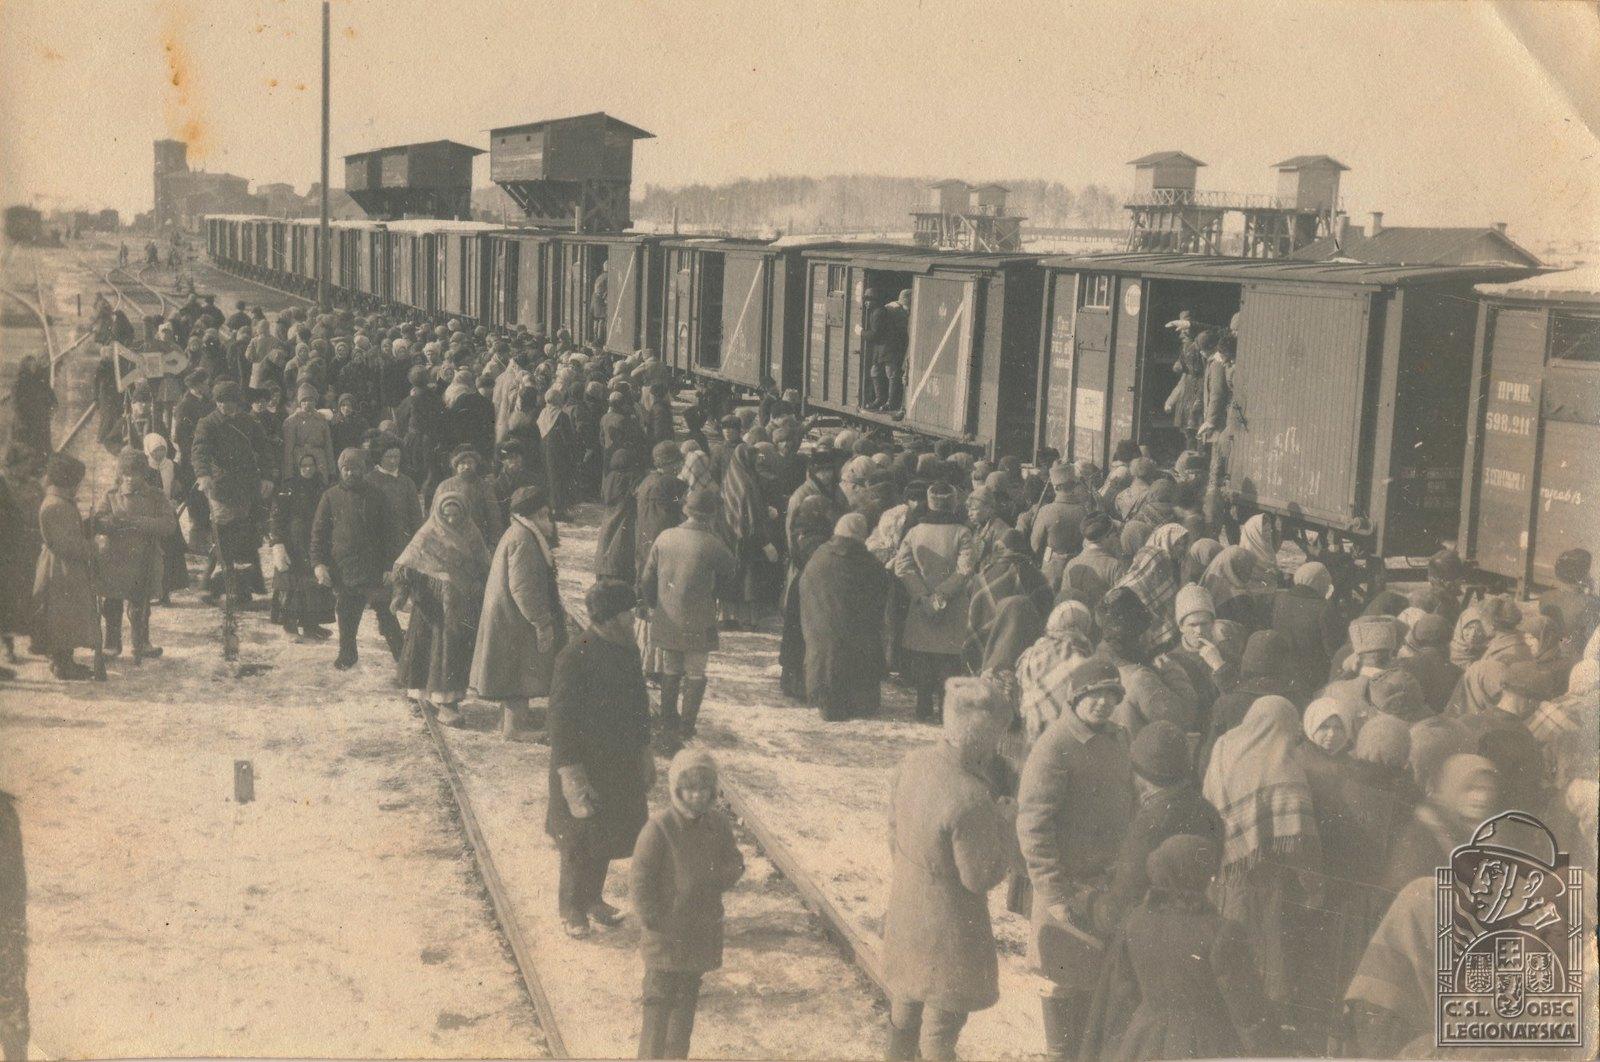 1918. Мобилизация россиян в Камышине